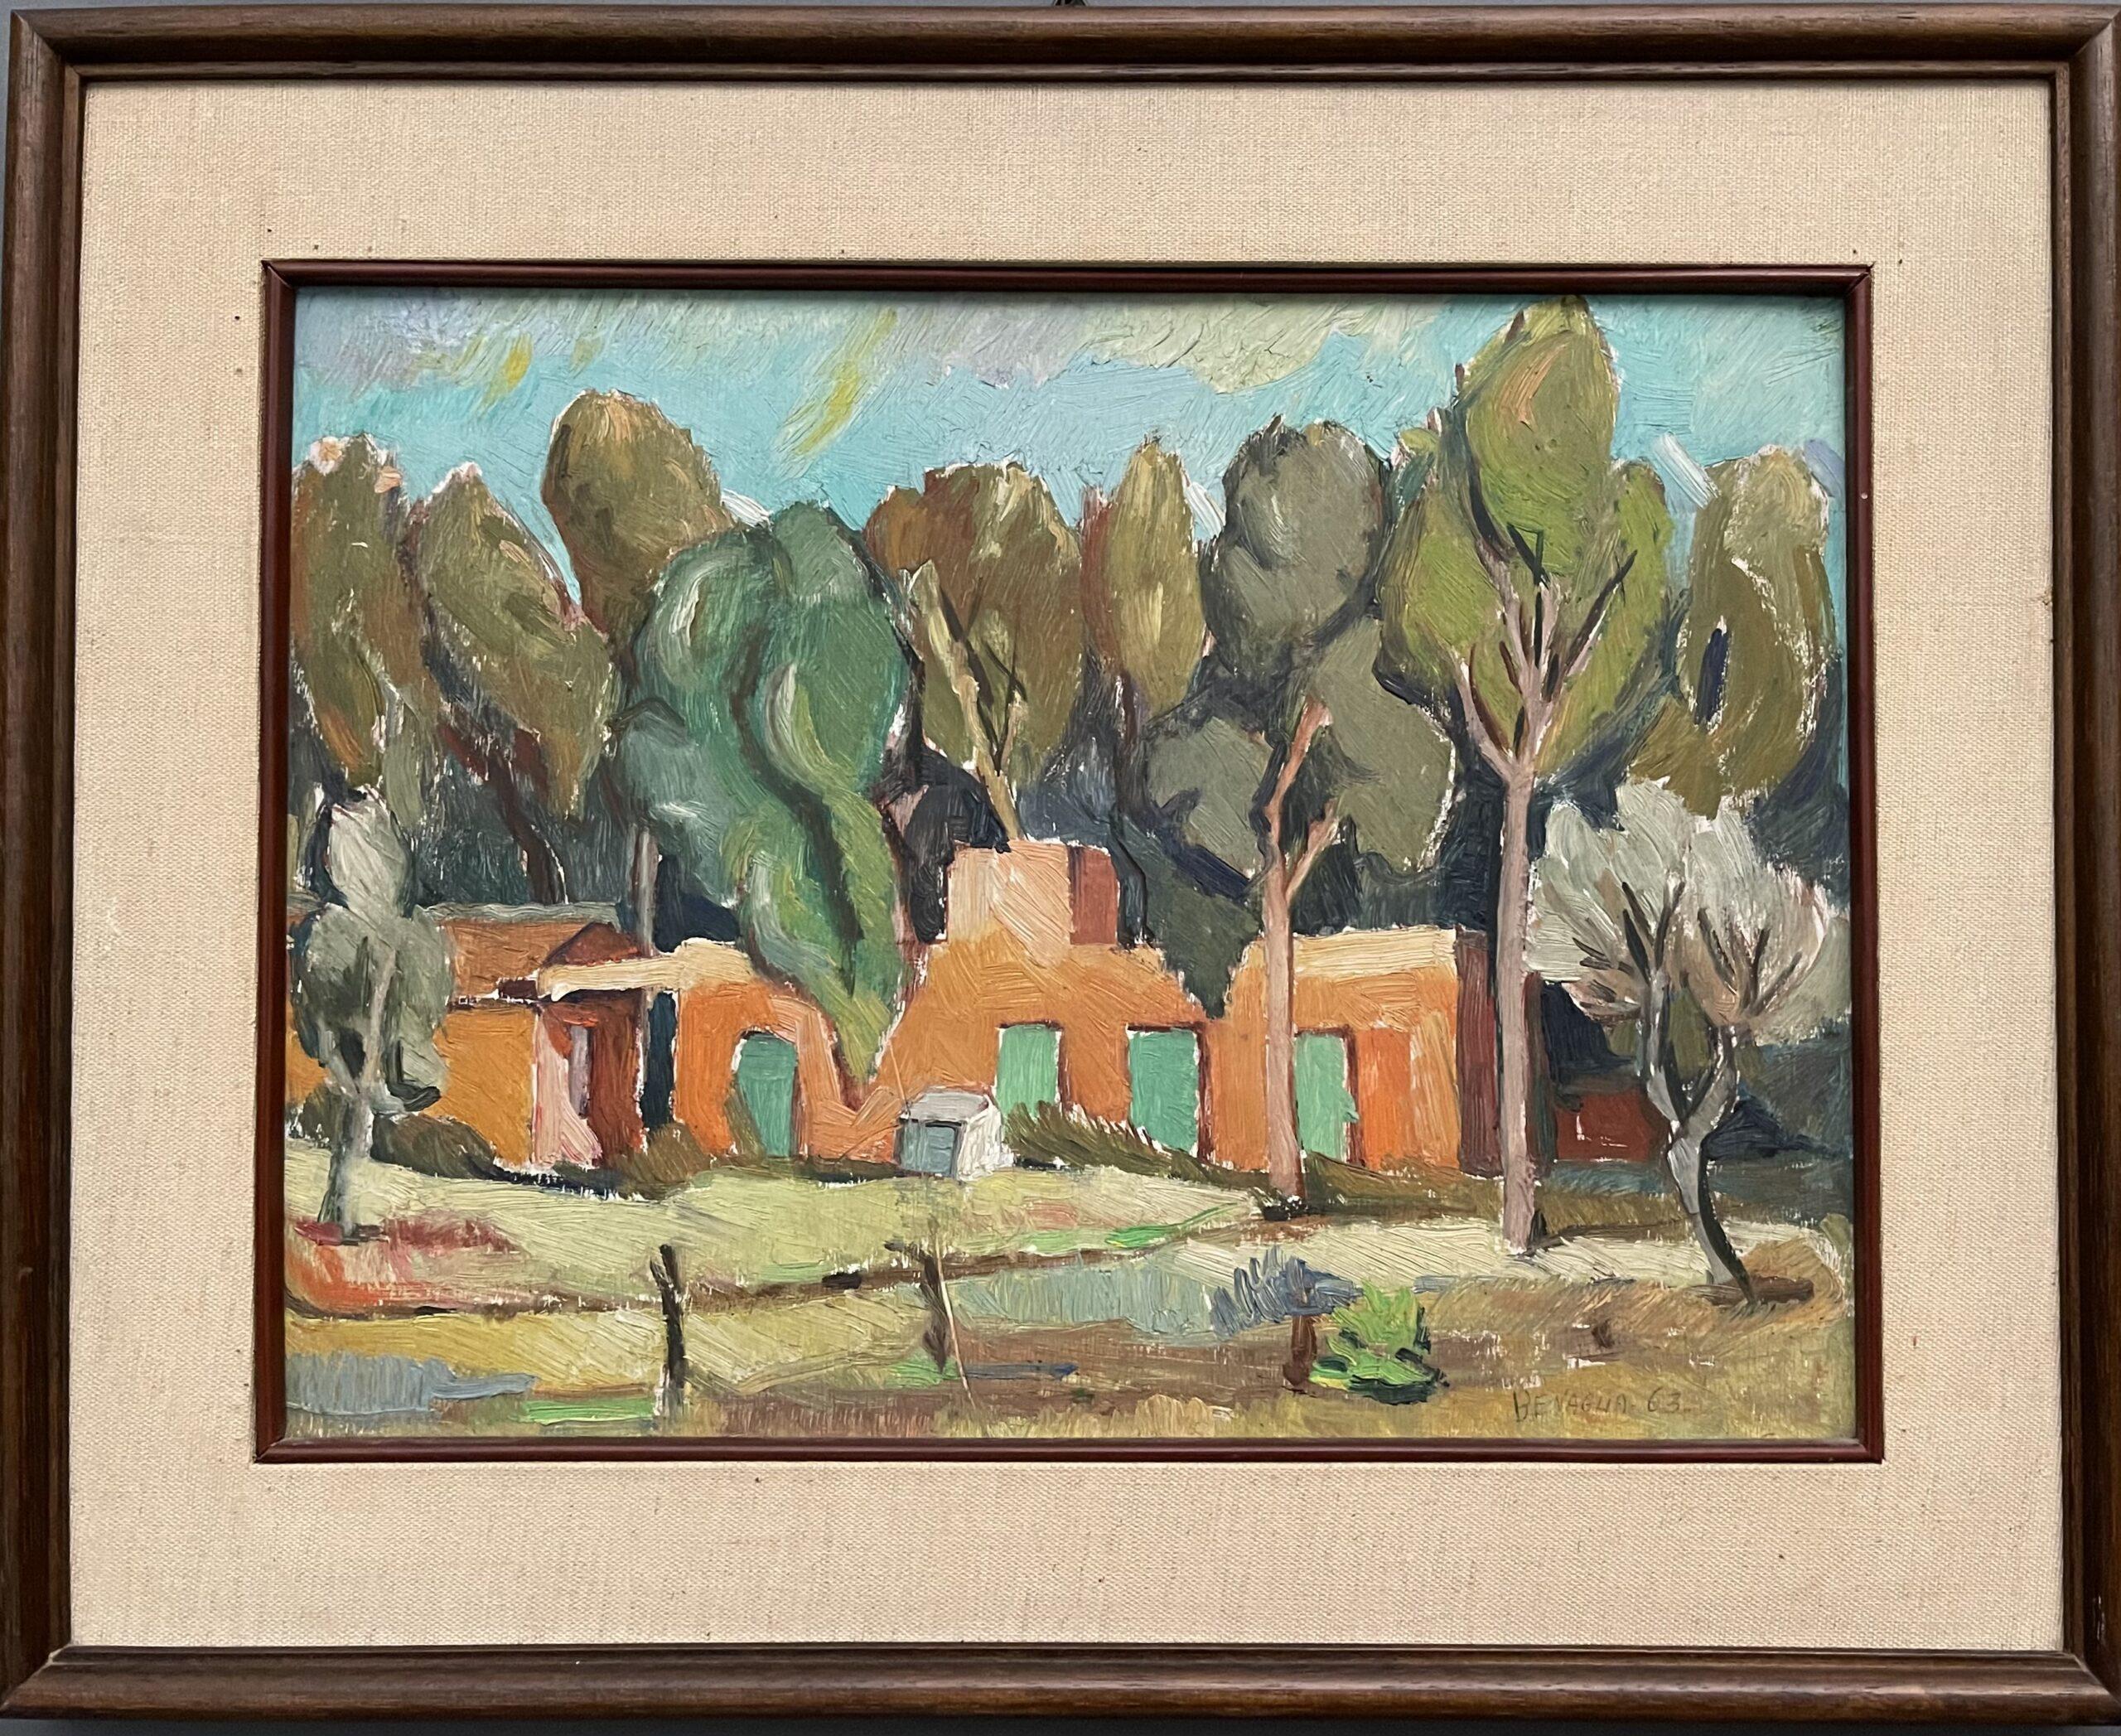 Arte Moderna e Antica Italiana e Internazionale in Vendita su Egidi MadeinItaly